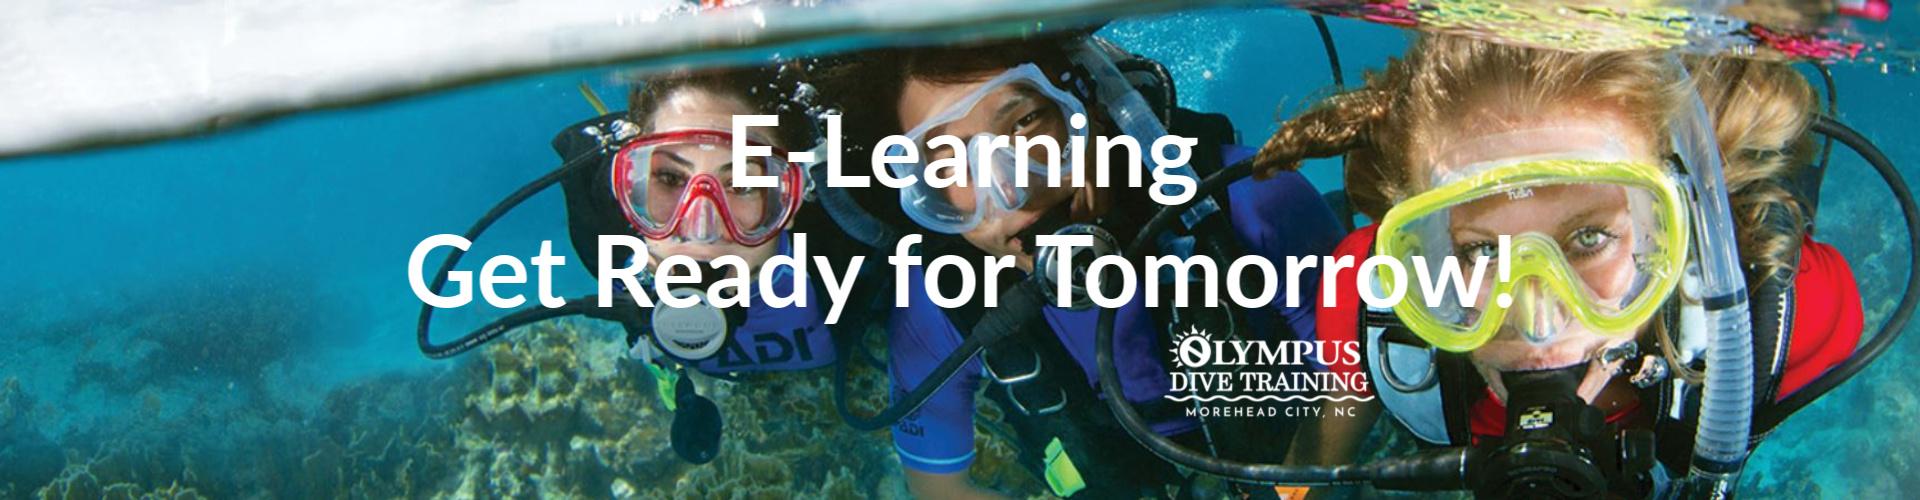 2 - E-Learn